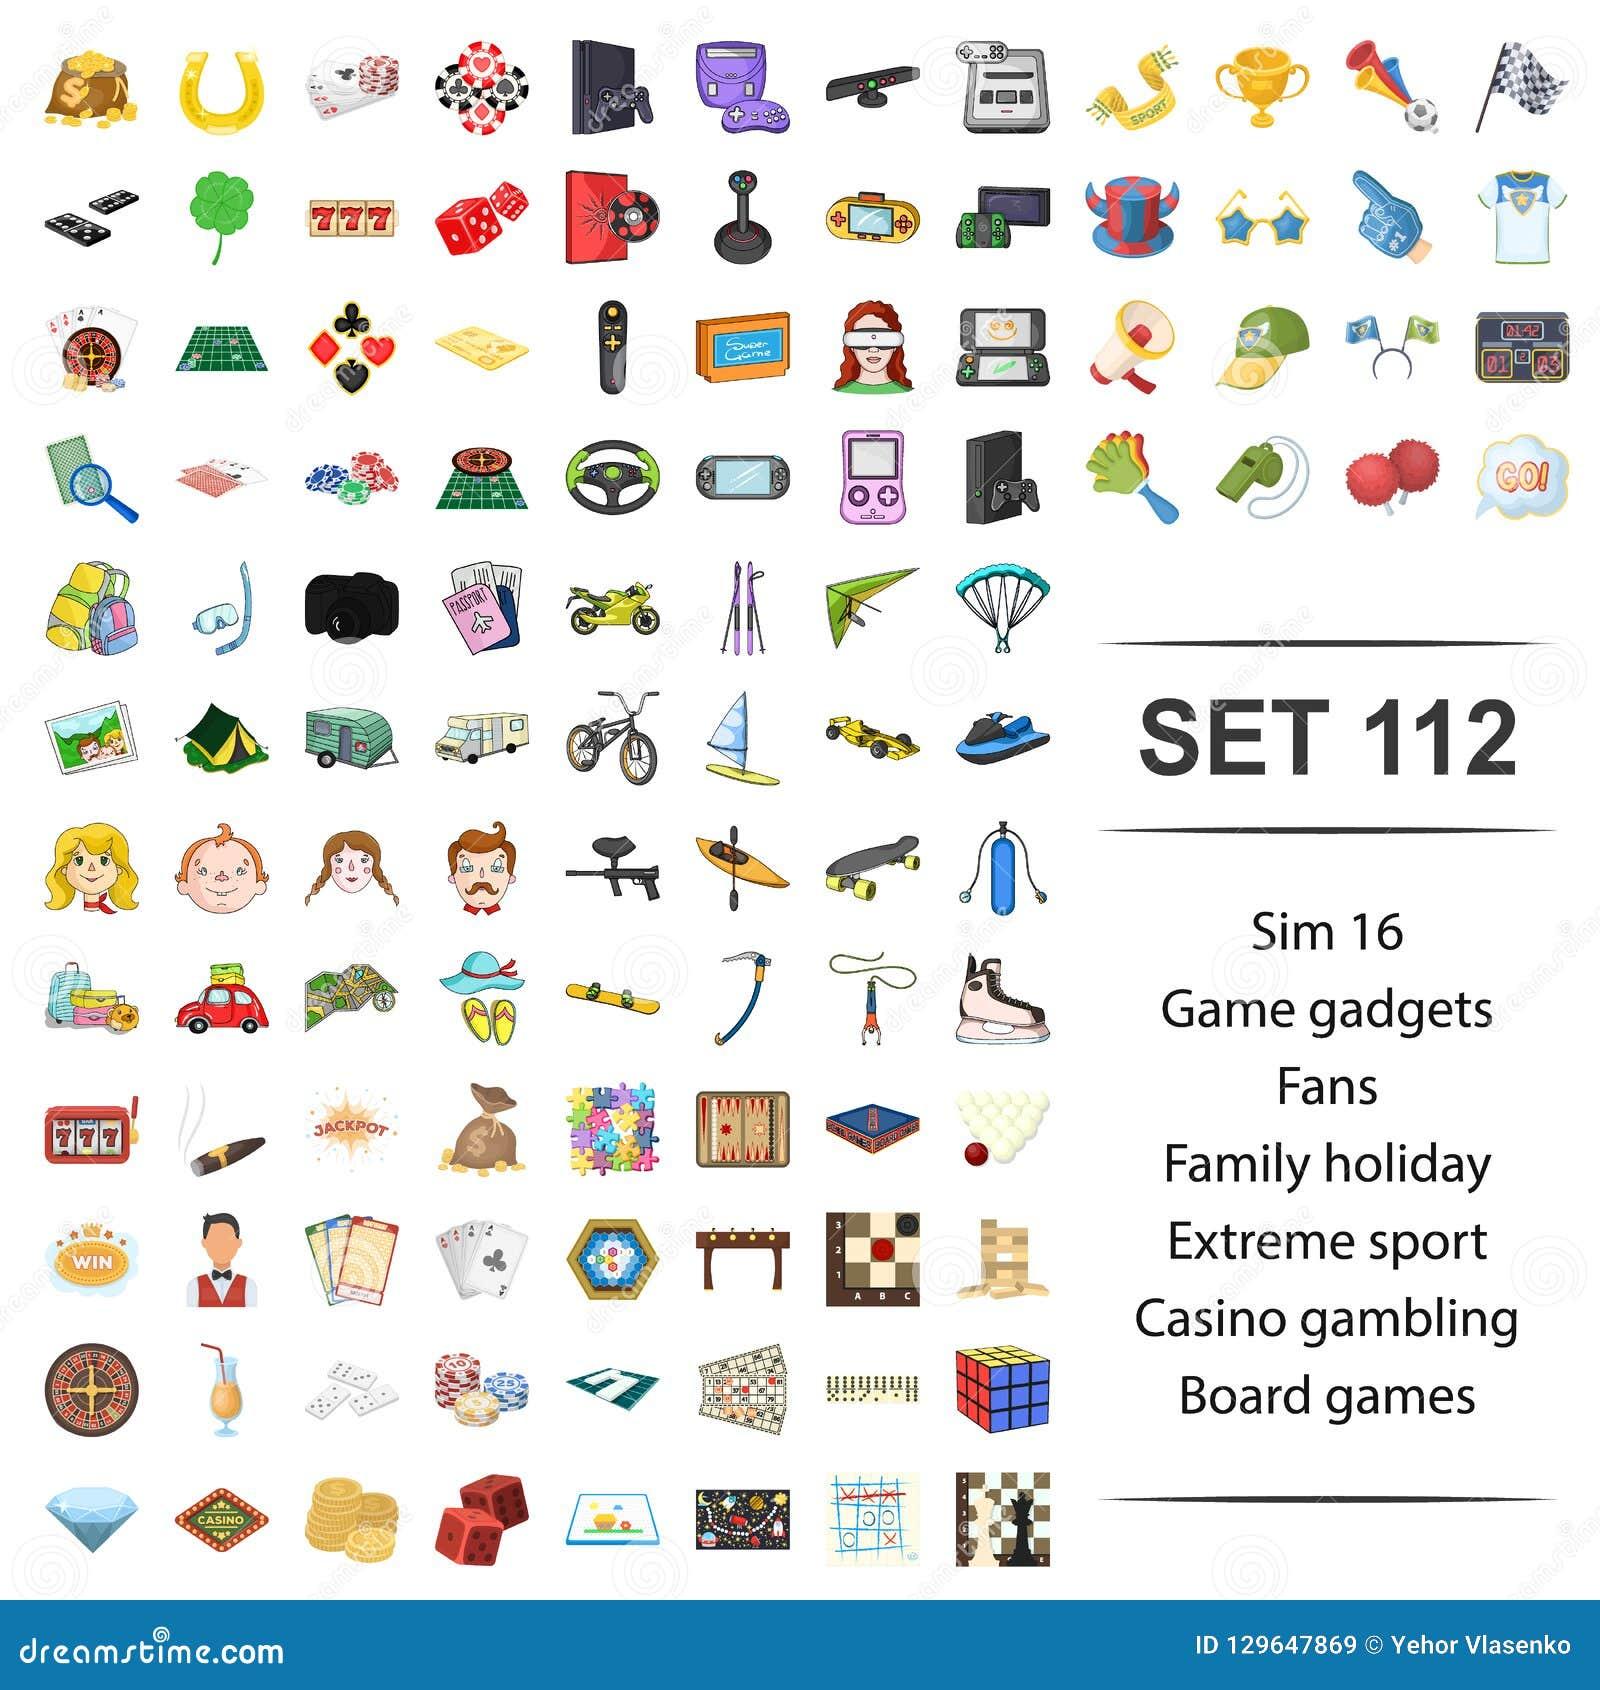 Ilustração do vetor do jogo, dispositivo, fã, família, do casino extremo do esporte do feriado grupo de jogo do ícone da placa